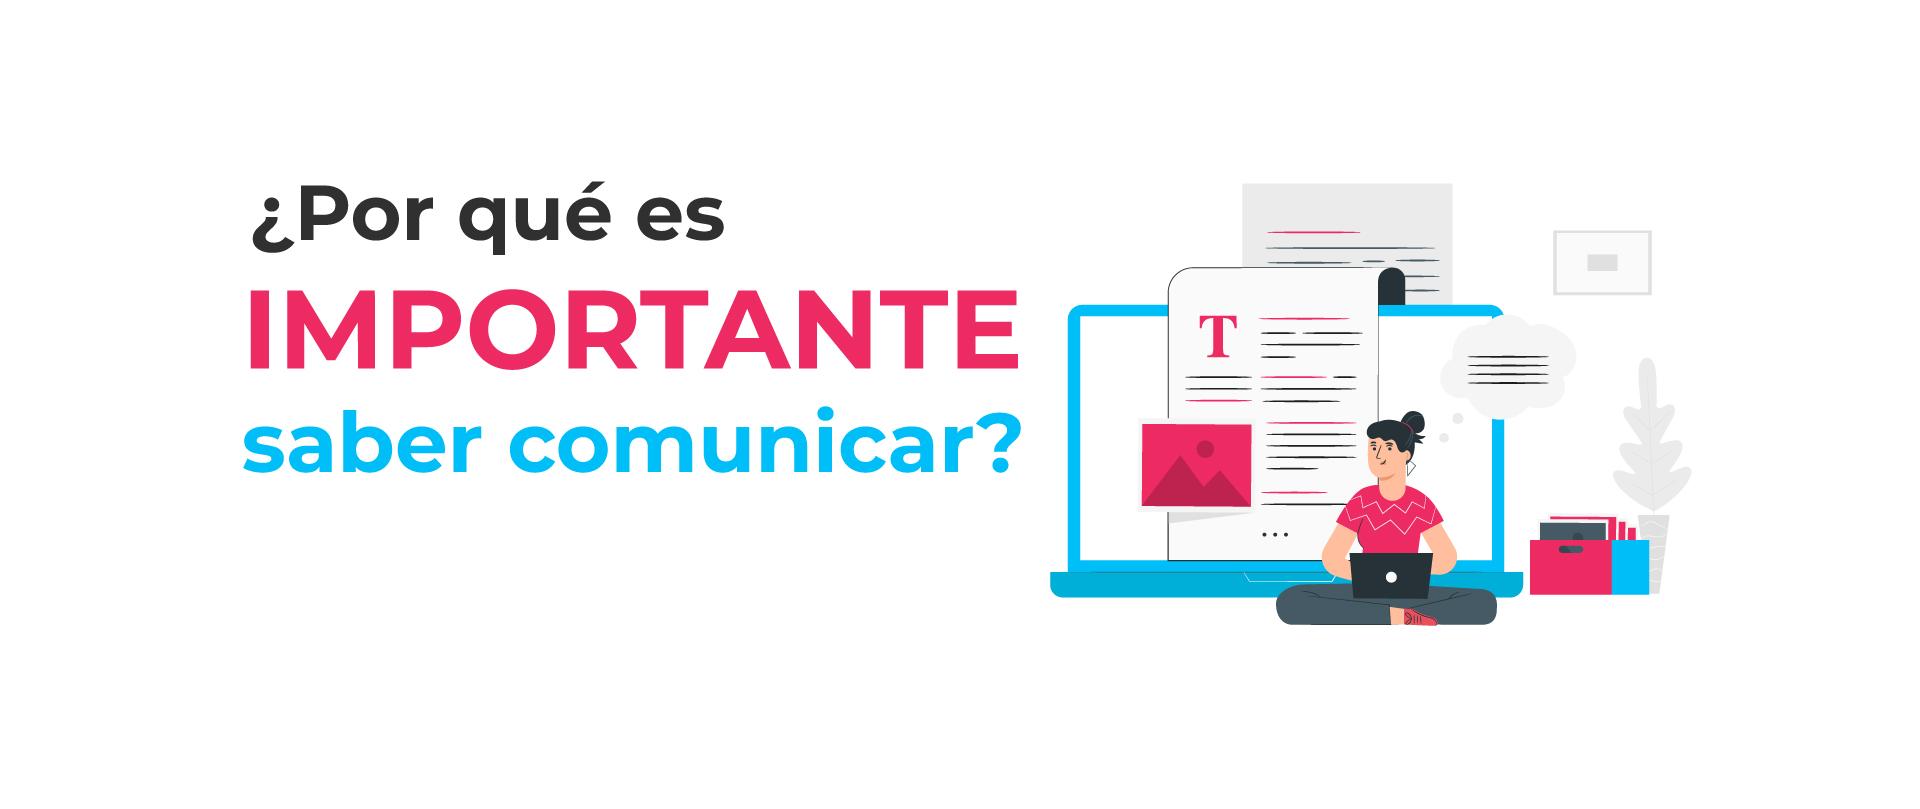 Por-qué-es-importante-saber-comunicar